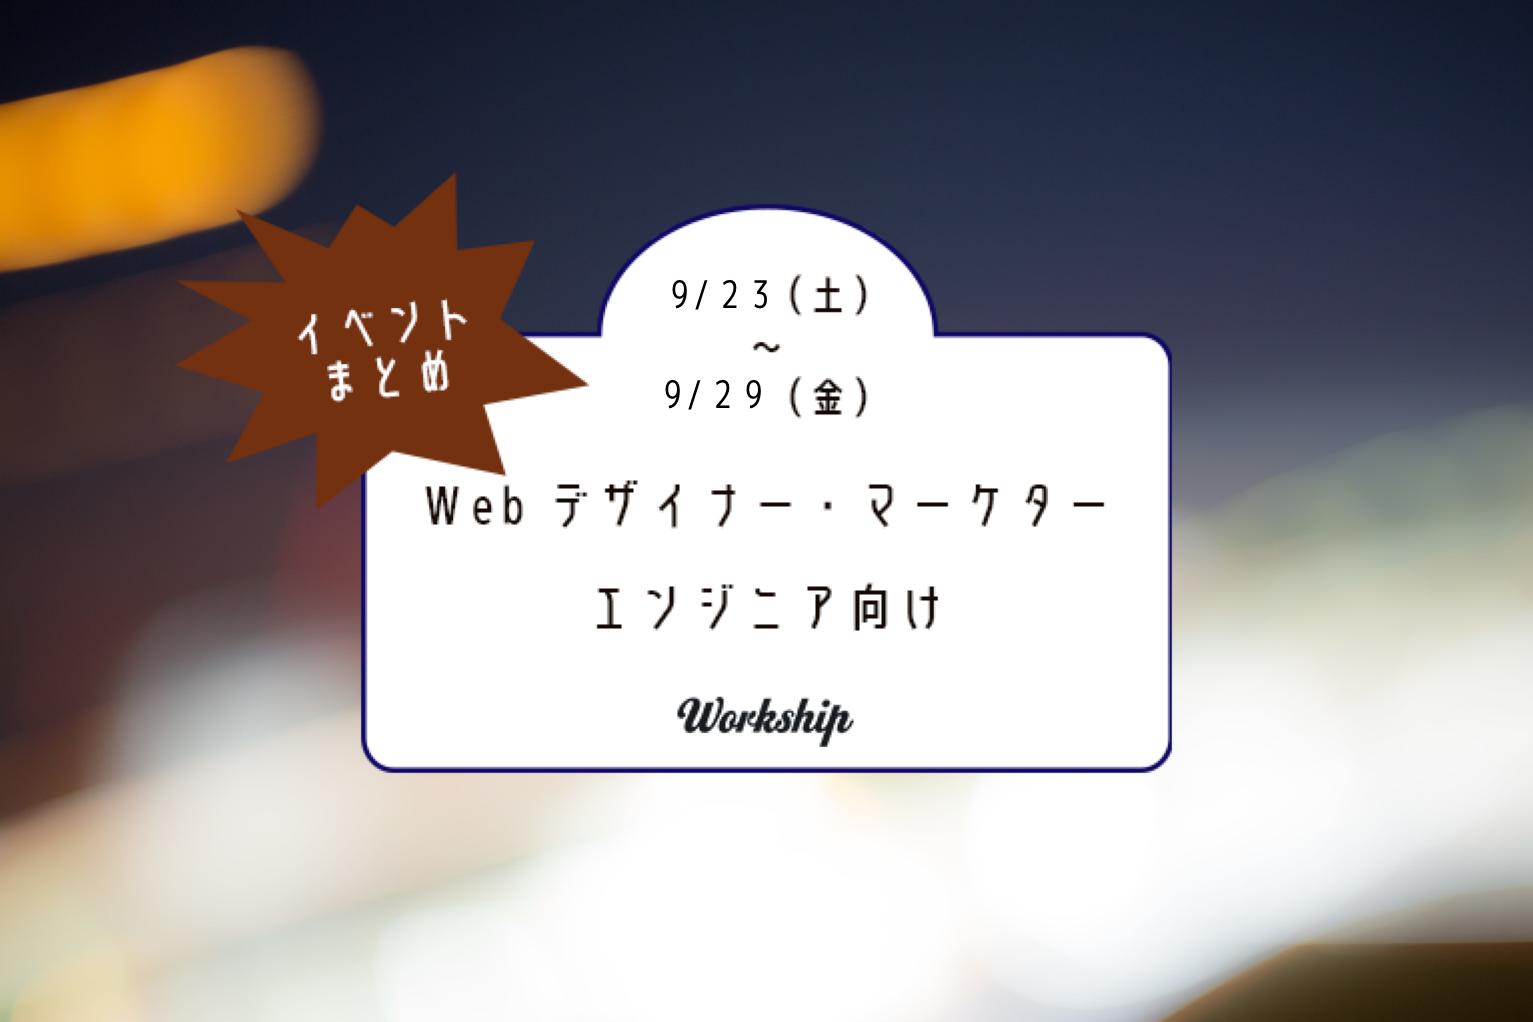 【Webデザイナー・マーケター・エンジニア向け】9/23(土)〜9/29(金)のイベント5選